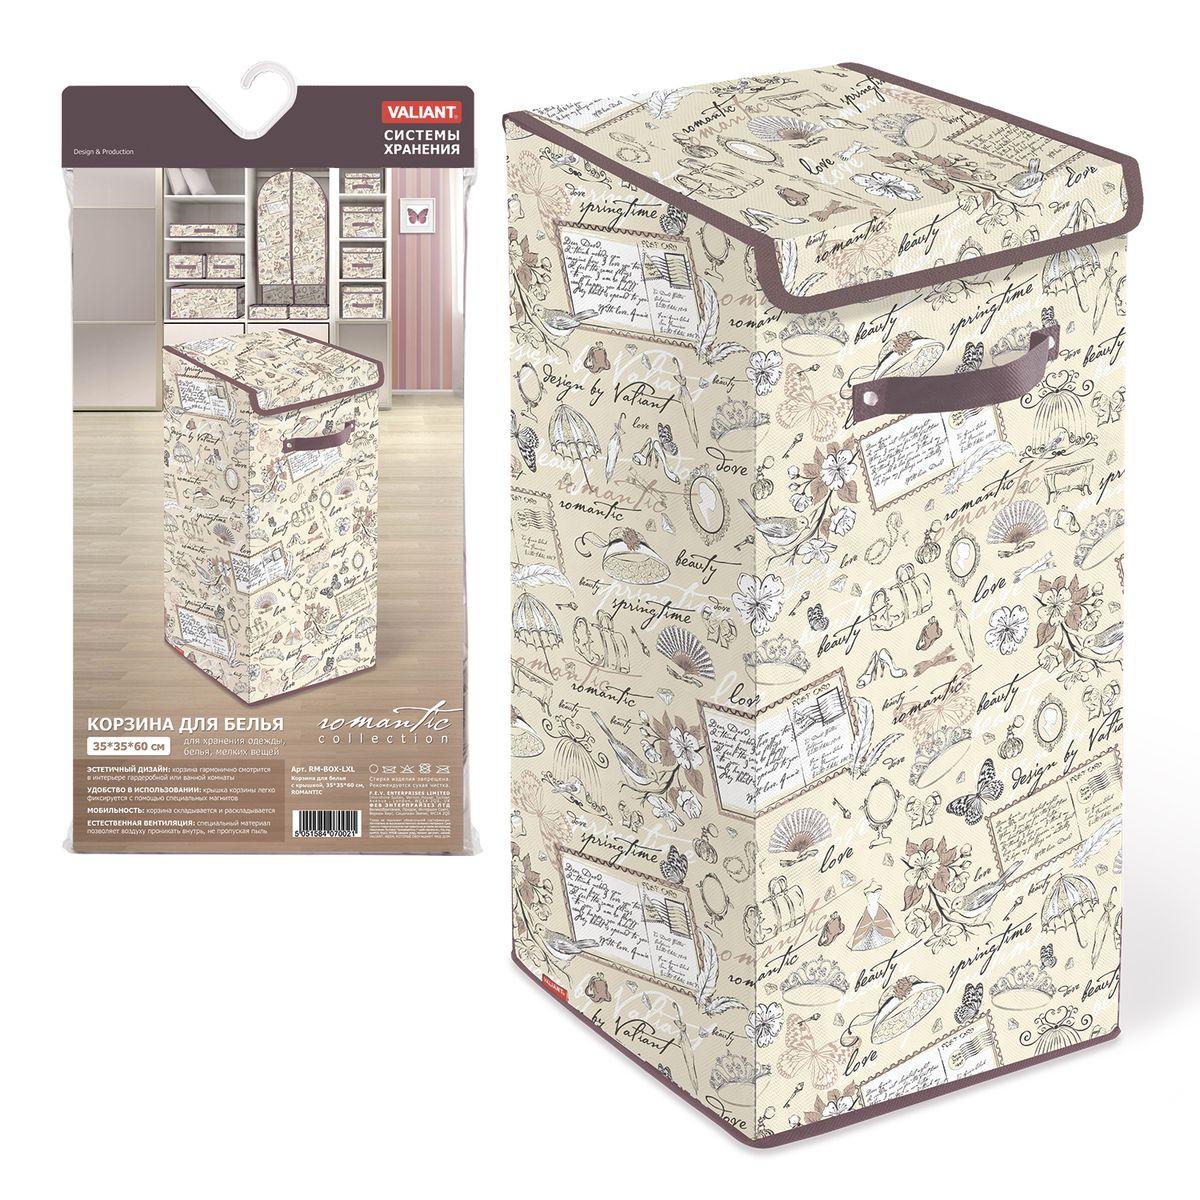 Корзина для белья Valiant Romantic, цвет: золотистый, коричневый, 35 х 35 х 60 смRM-BOX-LXLКорзина для белья Valiant Romantic изготовлена из нетканого материала и предназначена для сбора и хранения вещей перед стиркой. Компактная и легкая, она не занимает много места, аккуратно хранит белье. Изделие оснащено легкой крышкой. Корзина для белья Valiant Romantic со стильным дизайном гармонично смотрится в современном интерьере и станет незаменимым аксессуаром. Размеры: 35 х 35 х 60 см.